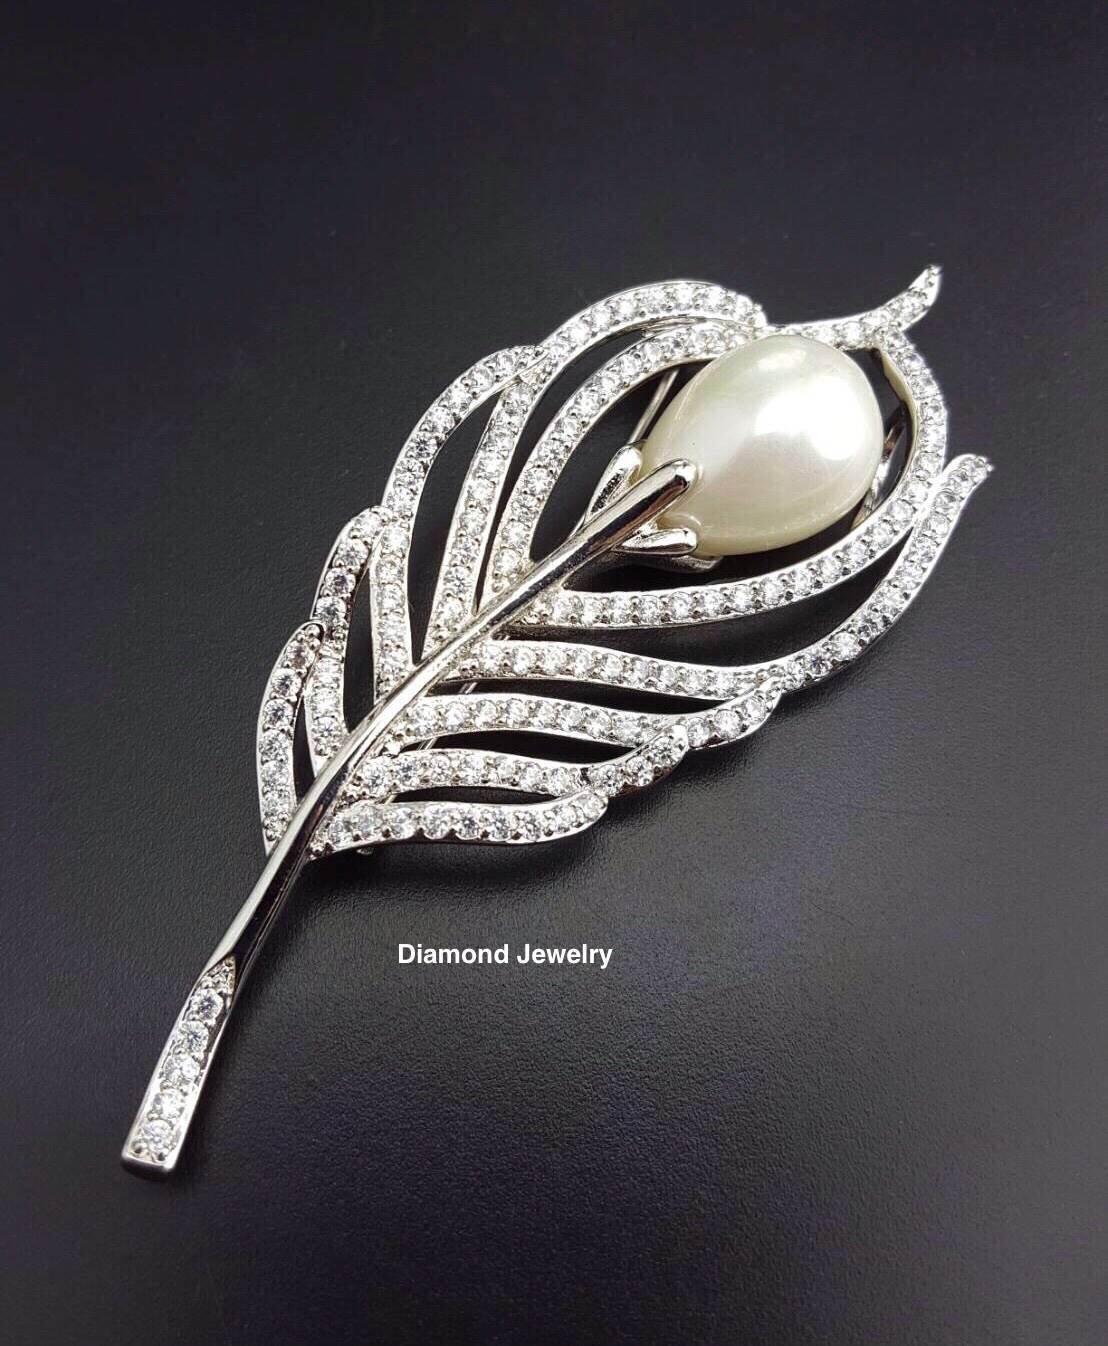 พร้อมส่ง Diamond Brooch เข็มกลัดใบไม้ประดับมุก